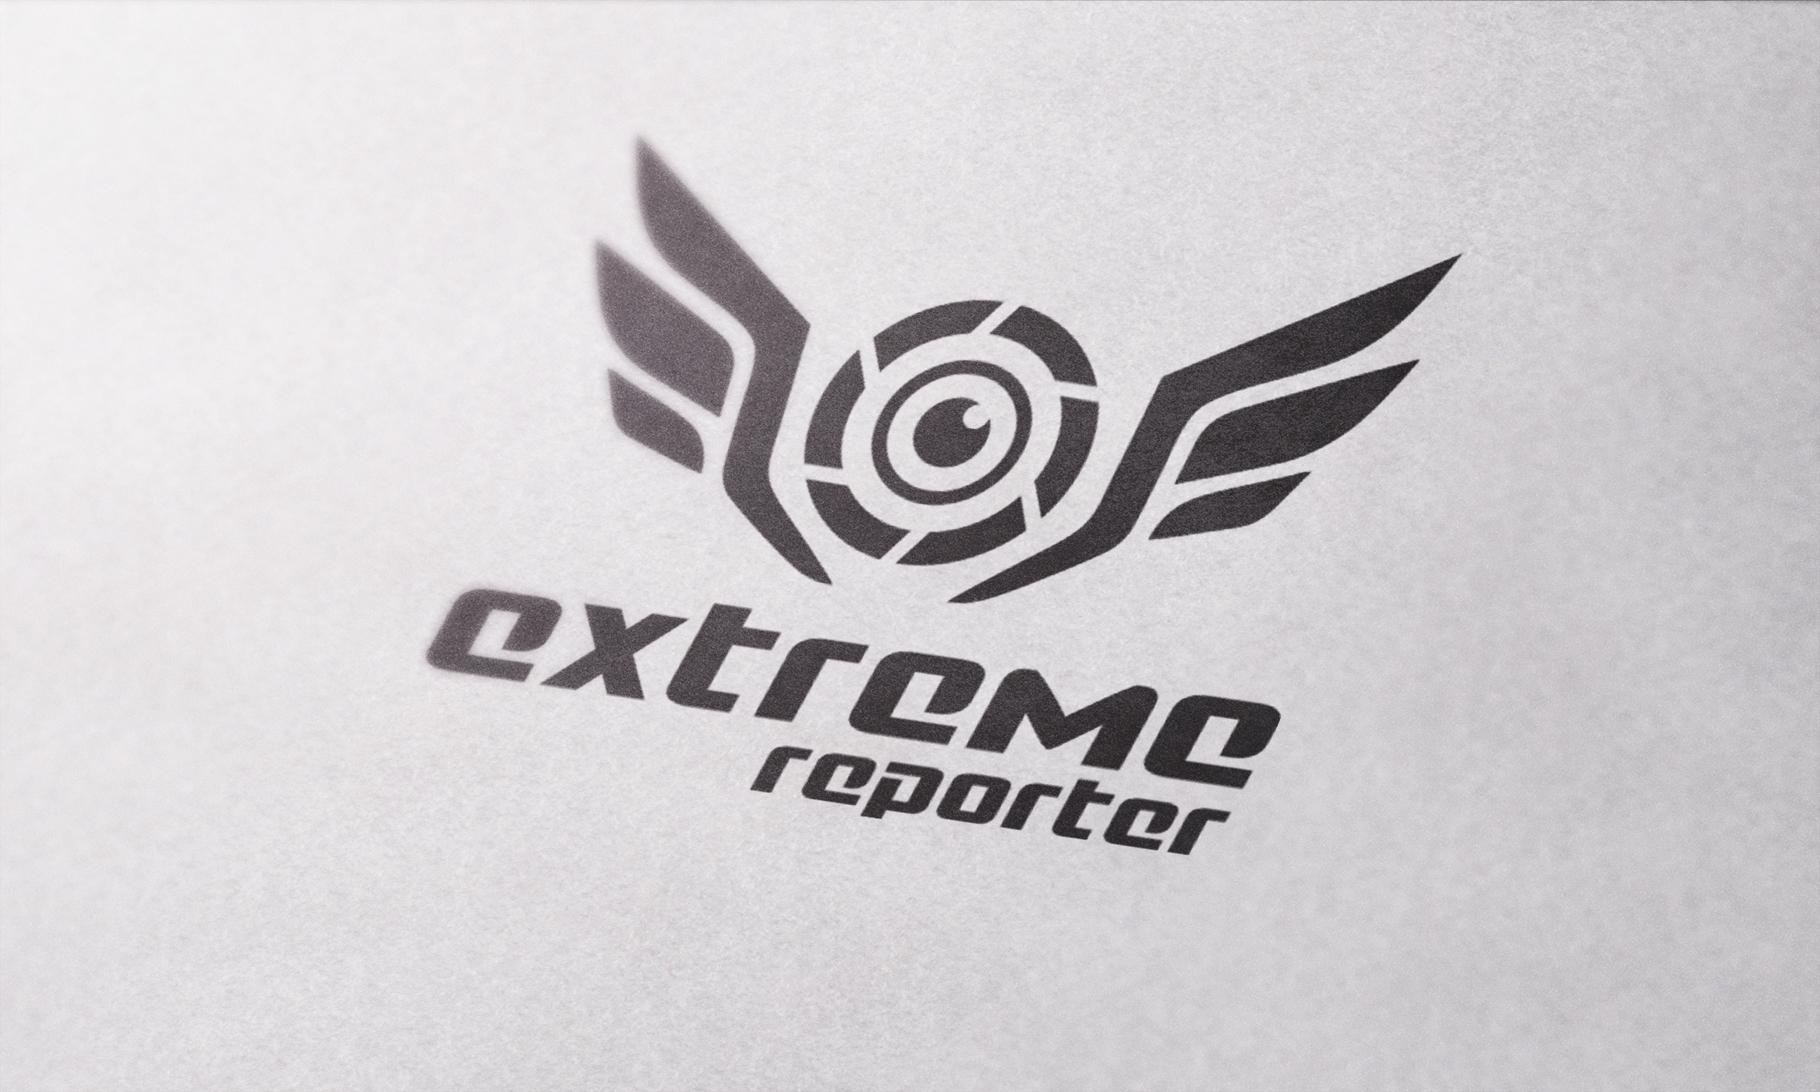 Логотип для экстрим фотографа.  фото f_3145a5230221a812.jpg